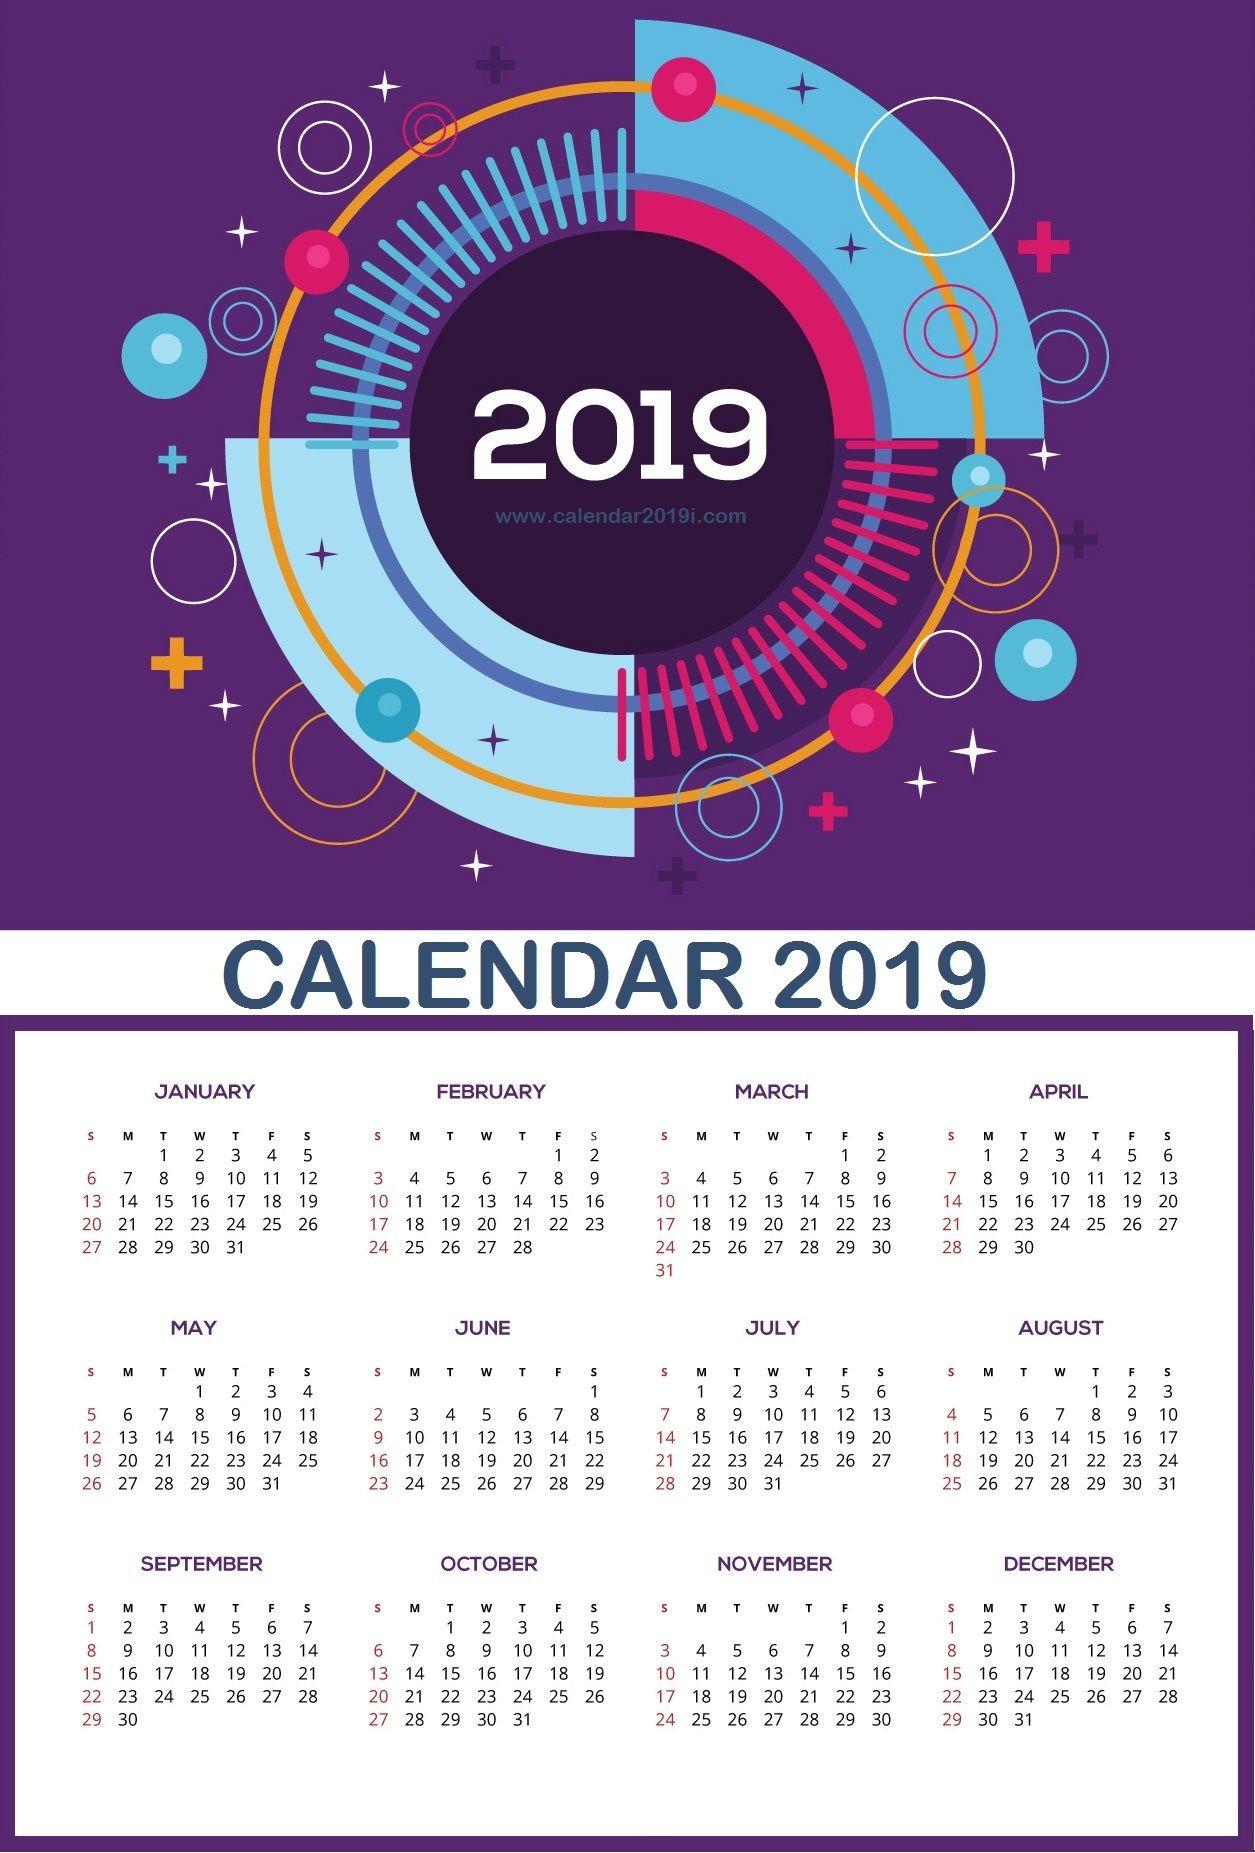 Calendario Mensual 2019 En Word Para Imprimir Mejores Y Más Novedosos Wall Calendar 2019 Planner Pinterest Of Calendario Mensual 2019 En Word Para Imprimir Más Recientes Calendario Laboral Sevilla 2019